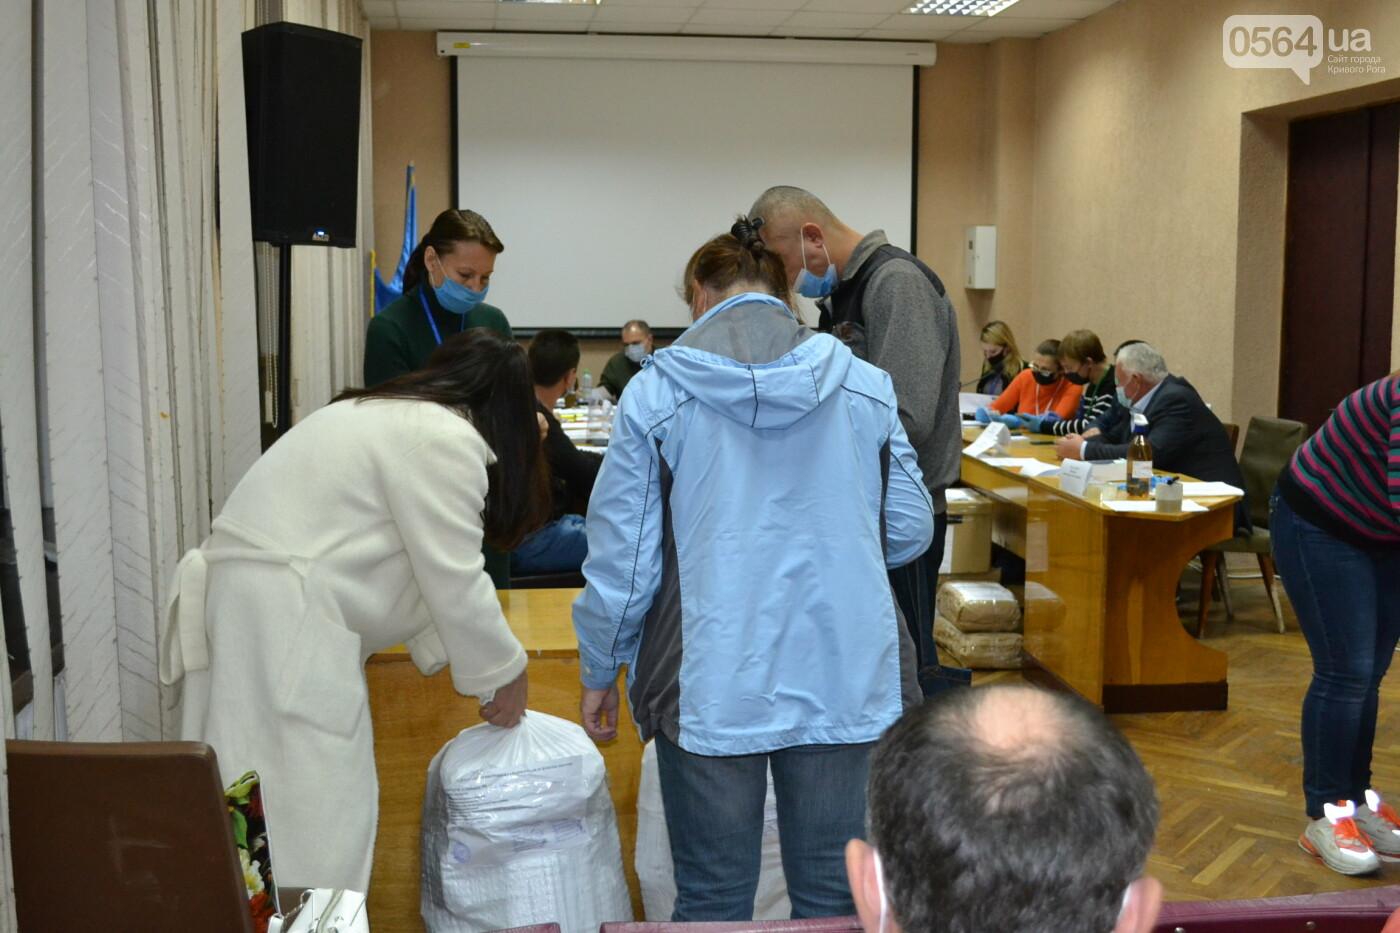 Криворожская ГИК приняла более 72% протоколов по выборам депутатов облсовета, - ФОТО, фото-12